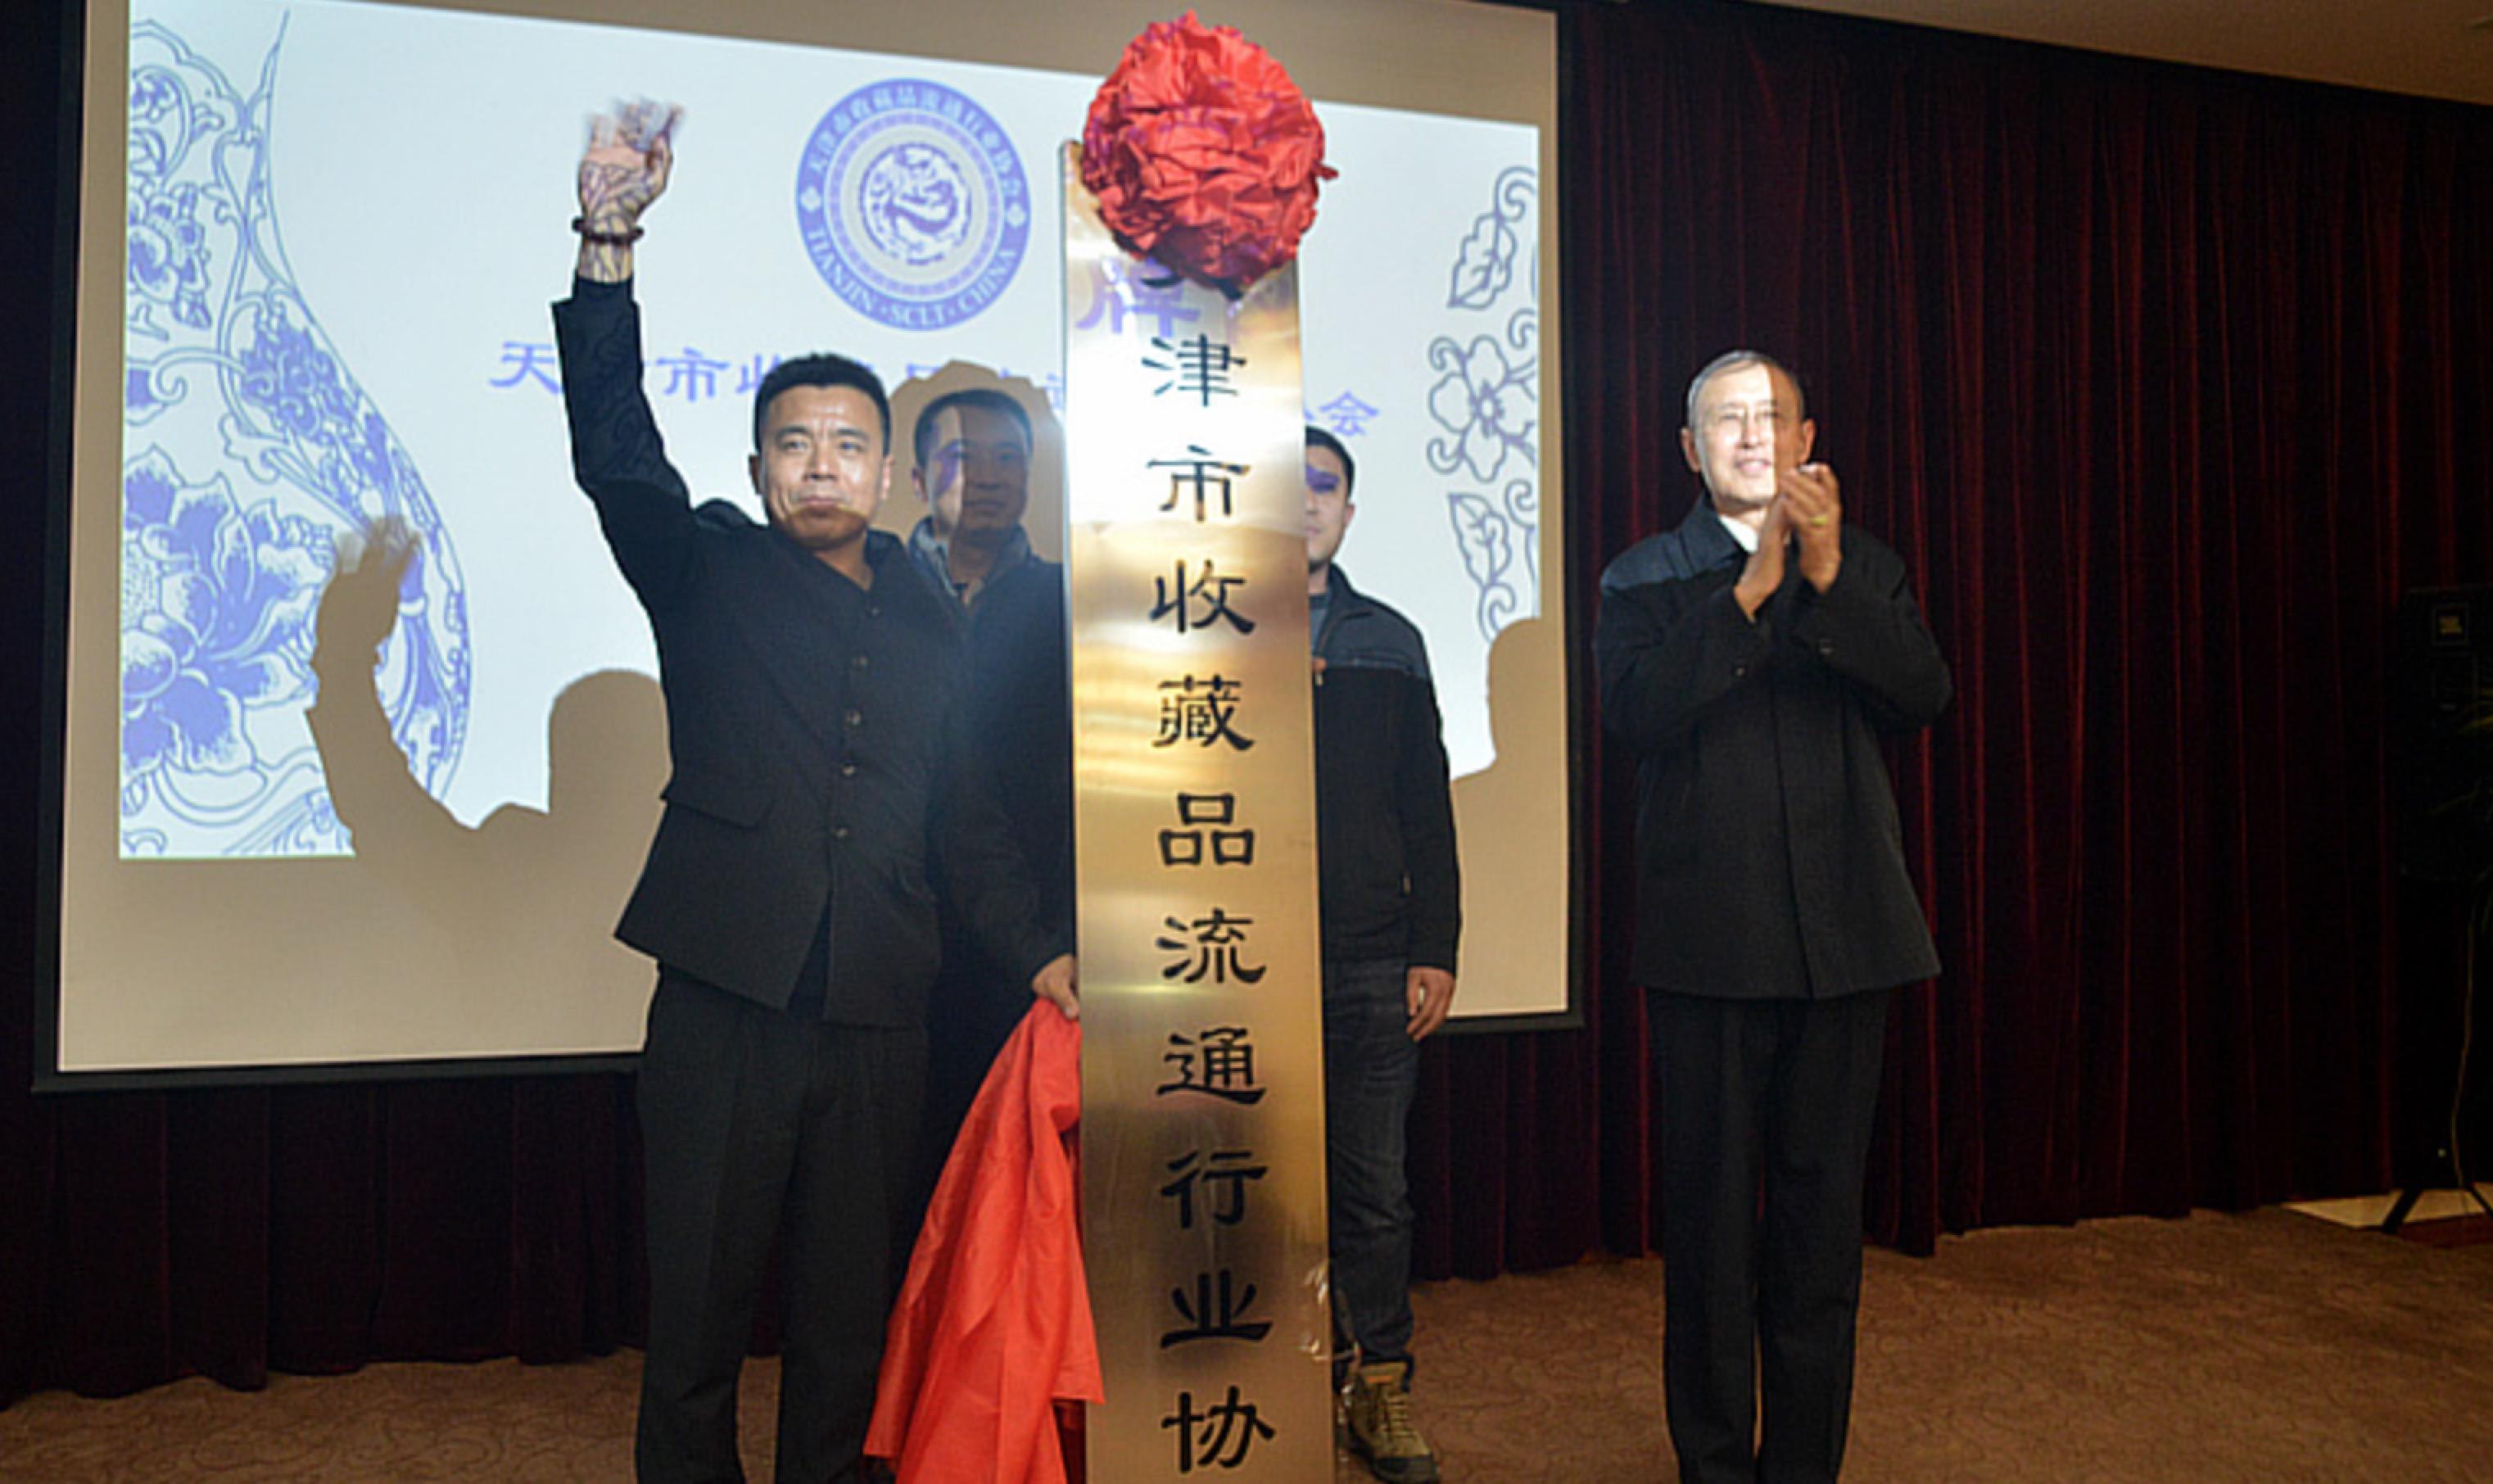 天津市艺术鉴赏与收藏论坛暨天津市收藏品流通行业协会成立大会举行